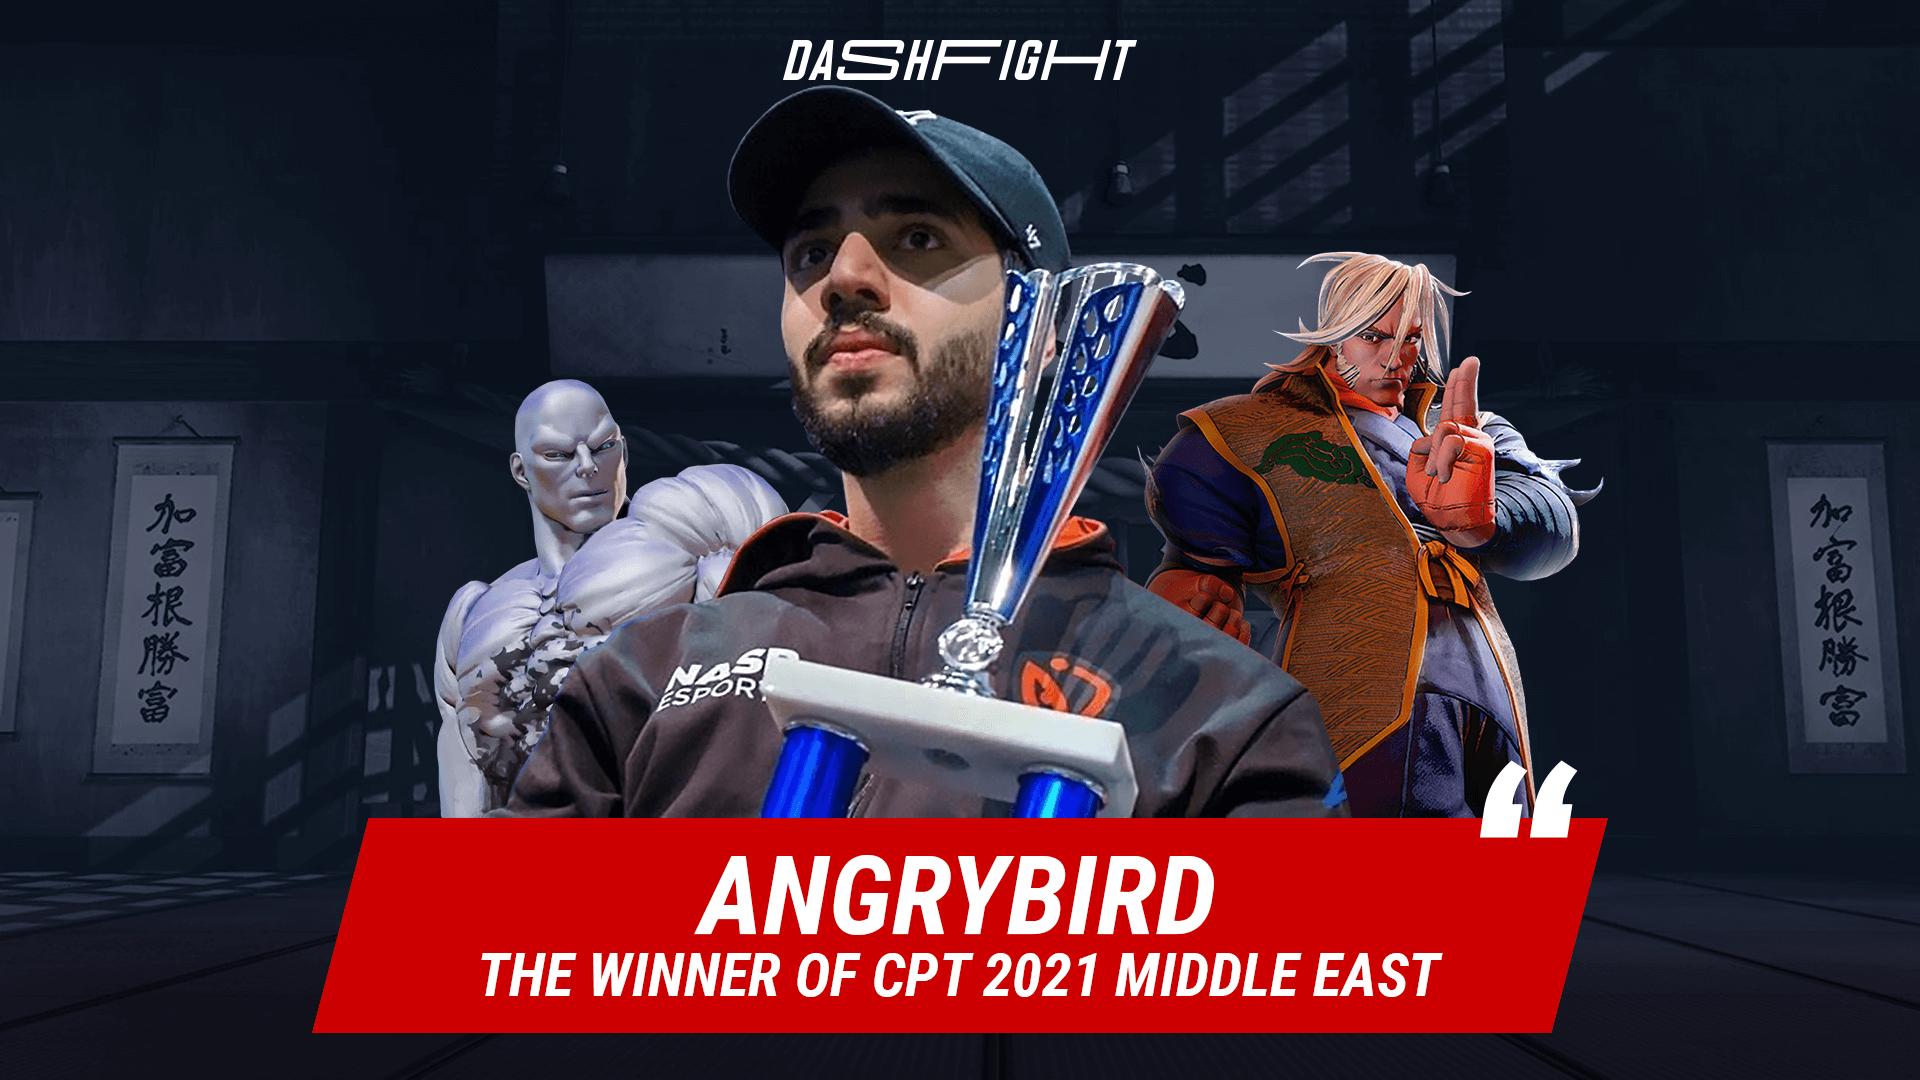 AngryBird, the Winner of CPT Middle East: Zeku is broken in lags